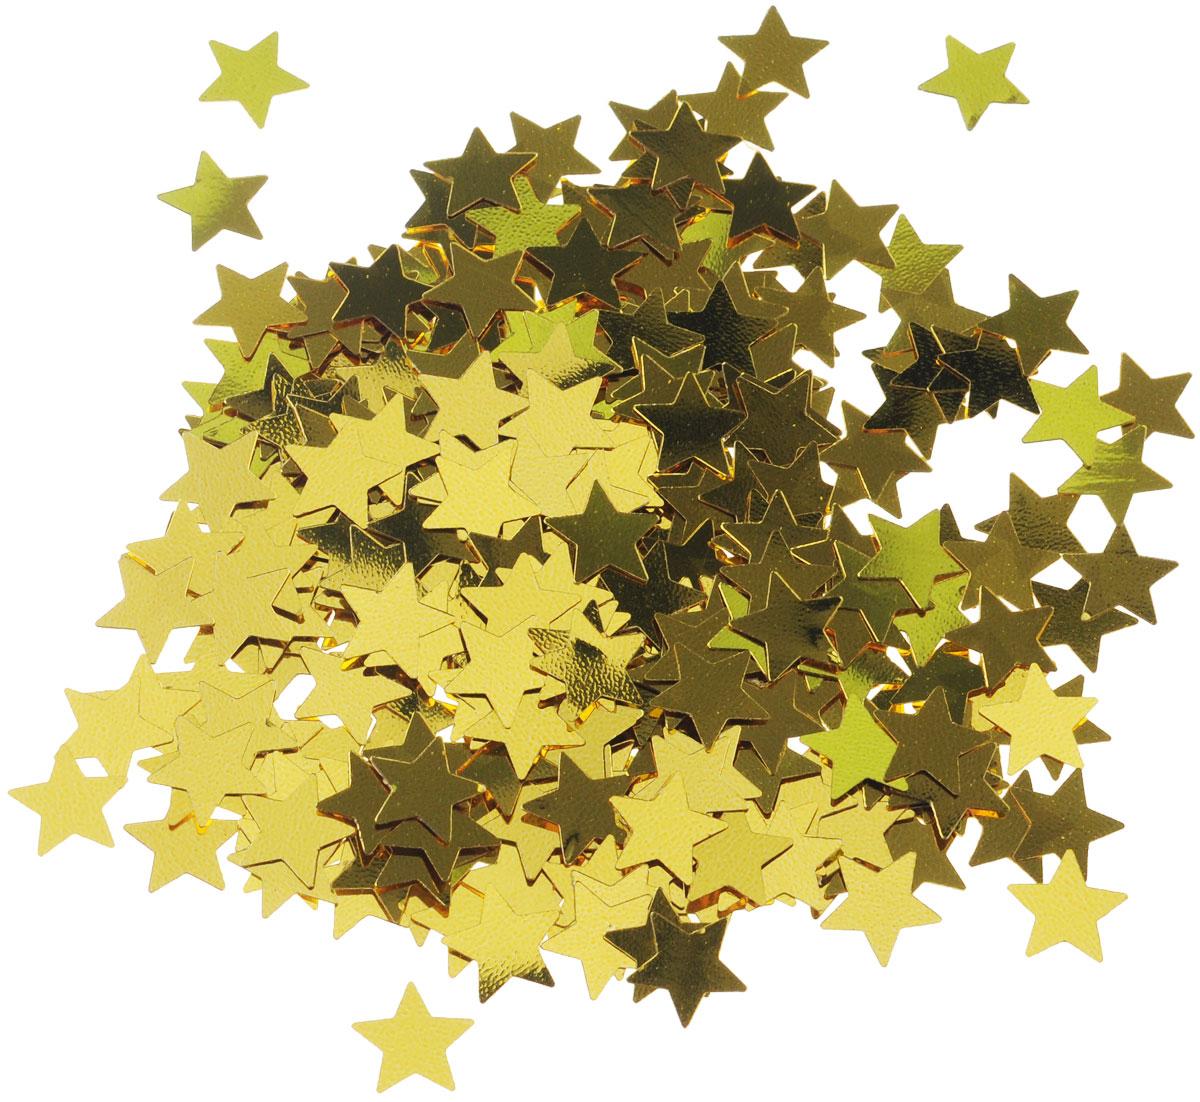 Веселая затея Конфетти Золотые звезды, 14 г1125295Конфетти Веселая затея Золотые звезды - неотъемлемый атрибут праздников, триумфальных шествий, а также свадебных торжеств. Выполнено из прочного материала в форме золотых звездочек.Конфетти осыпают друг друга участники празднеств или его сбрасывают сверху. Конфетти, рассыпанное на столе, является необычной и привлекательной формой украшения праздничного застолья. Еще один оригинальный способ порадовать друзей и близких - насыпьте конфетти в конверт с открыткой - это будет неожиданный сюрприз!Это чудесное украшение принесет в ваш дом или офис незабываемую атмосферу праздничного веселья!